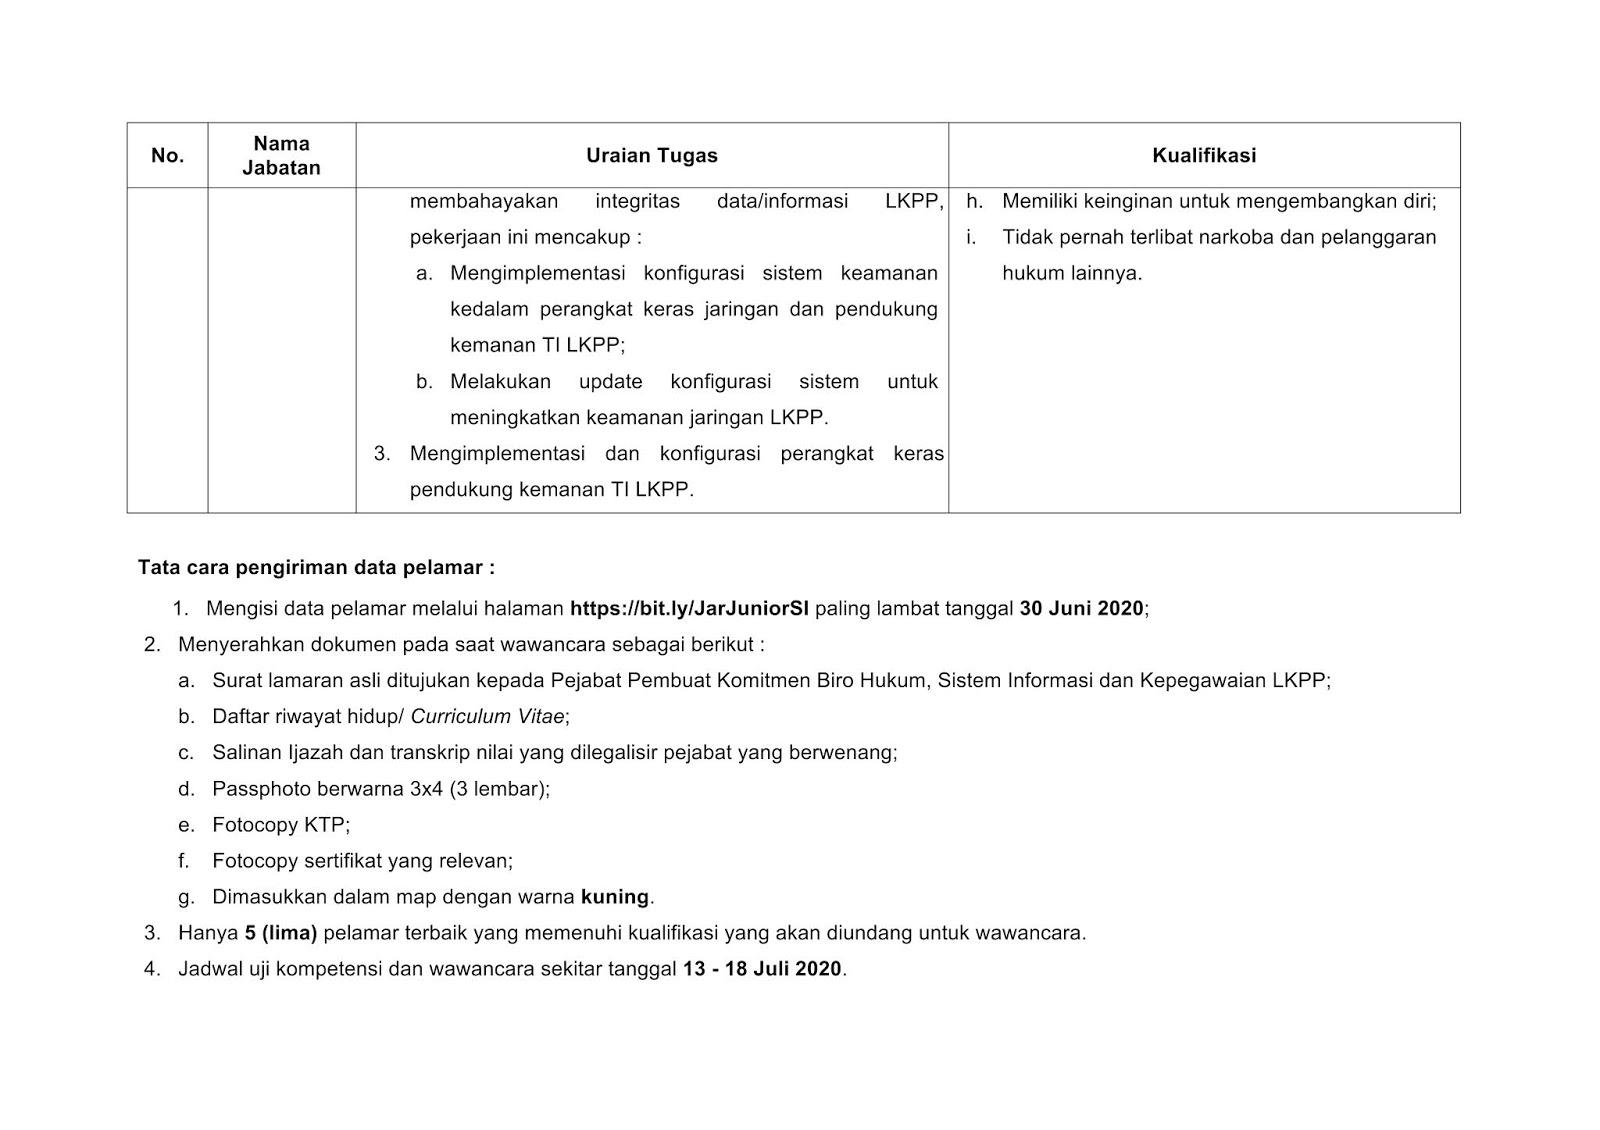 Rekrutmen Staf Pendukung Bagian Sistem Informasi Biro Hukum, Sistem Informasi dan Kepegawaian LKPP